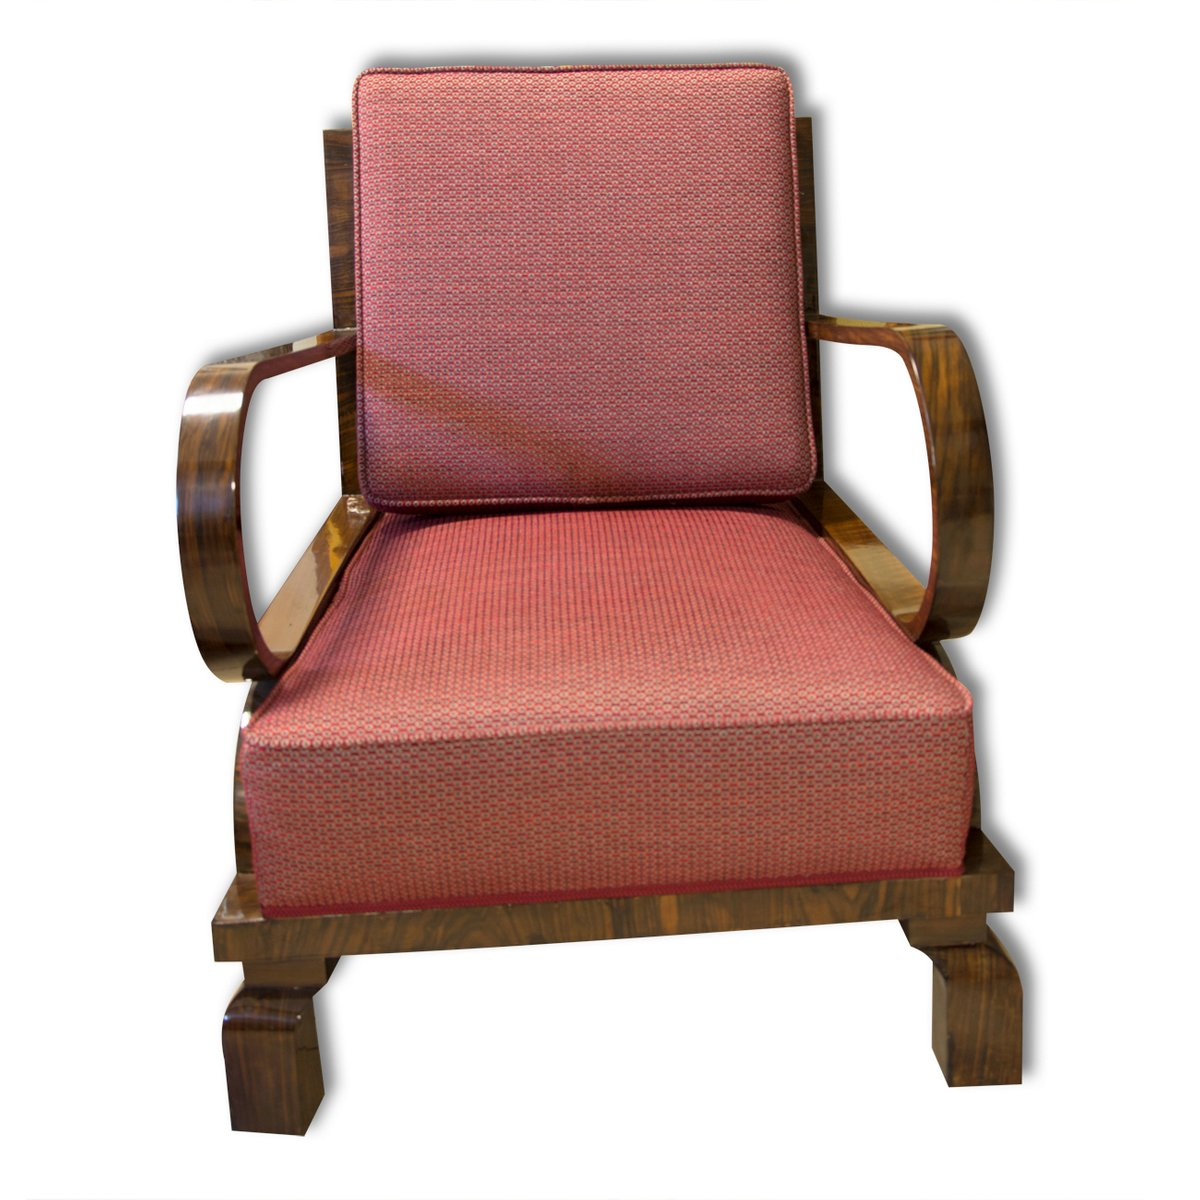 fauteuils art d co r publique tch que 1930s set de 2 en vente sur pamono. Black Bedroom Furniture Sets. Home Design Ideas